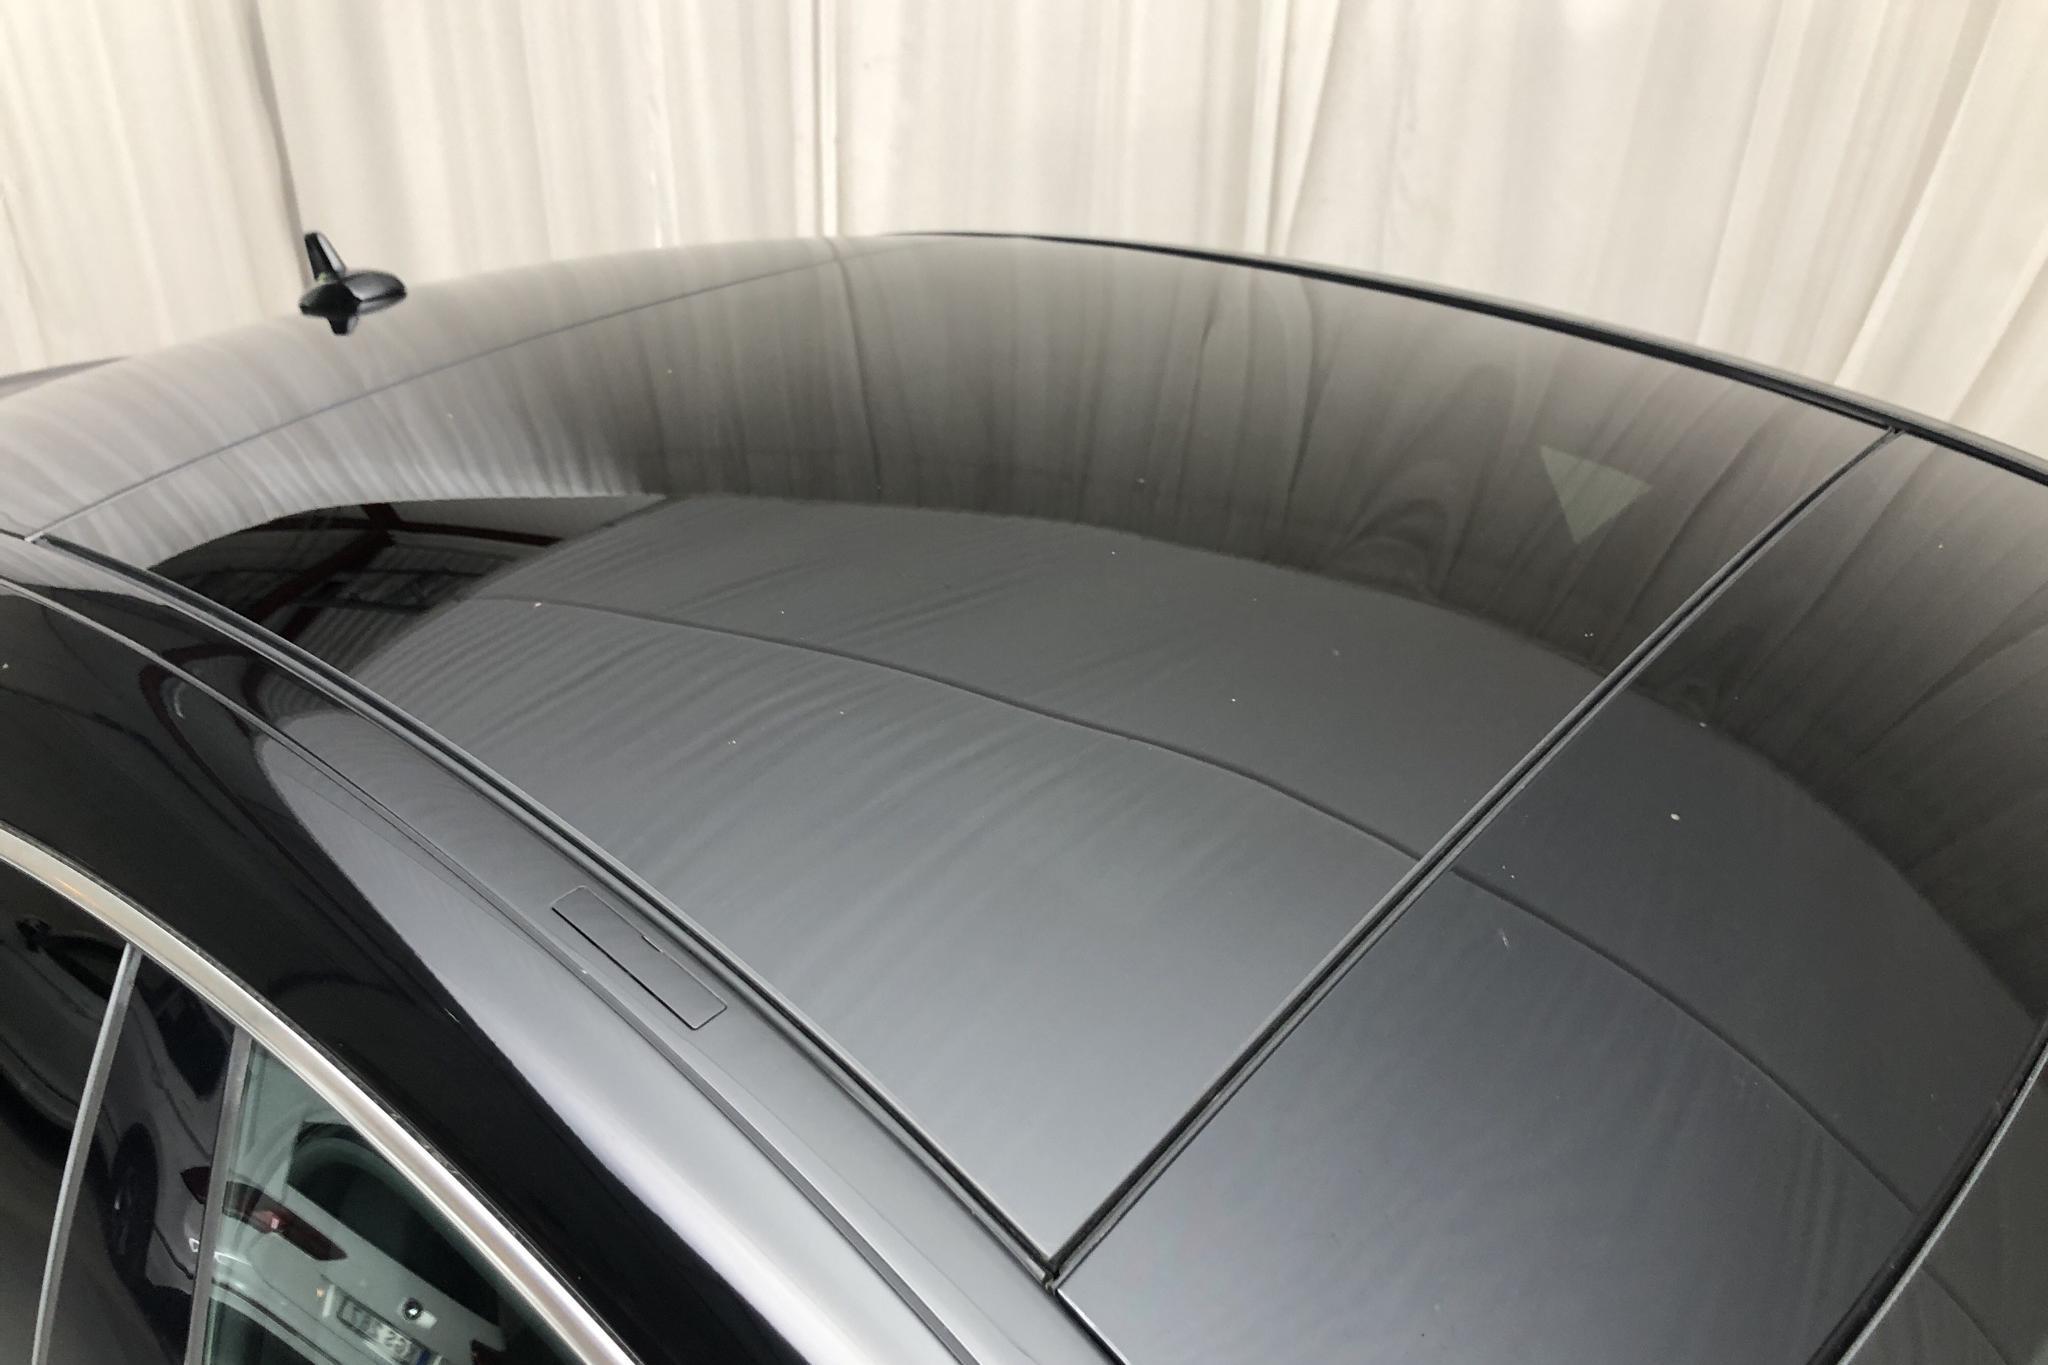 Mercedes CLA 220 d Coupé C117 (177hk) - 11 155 mil - Automat - svart - 2018